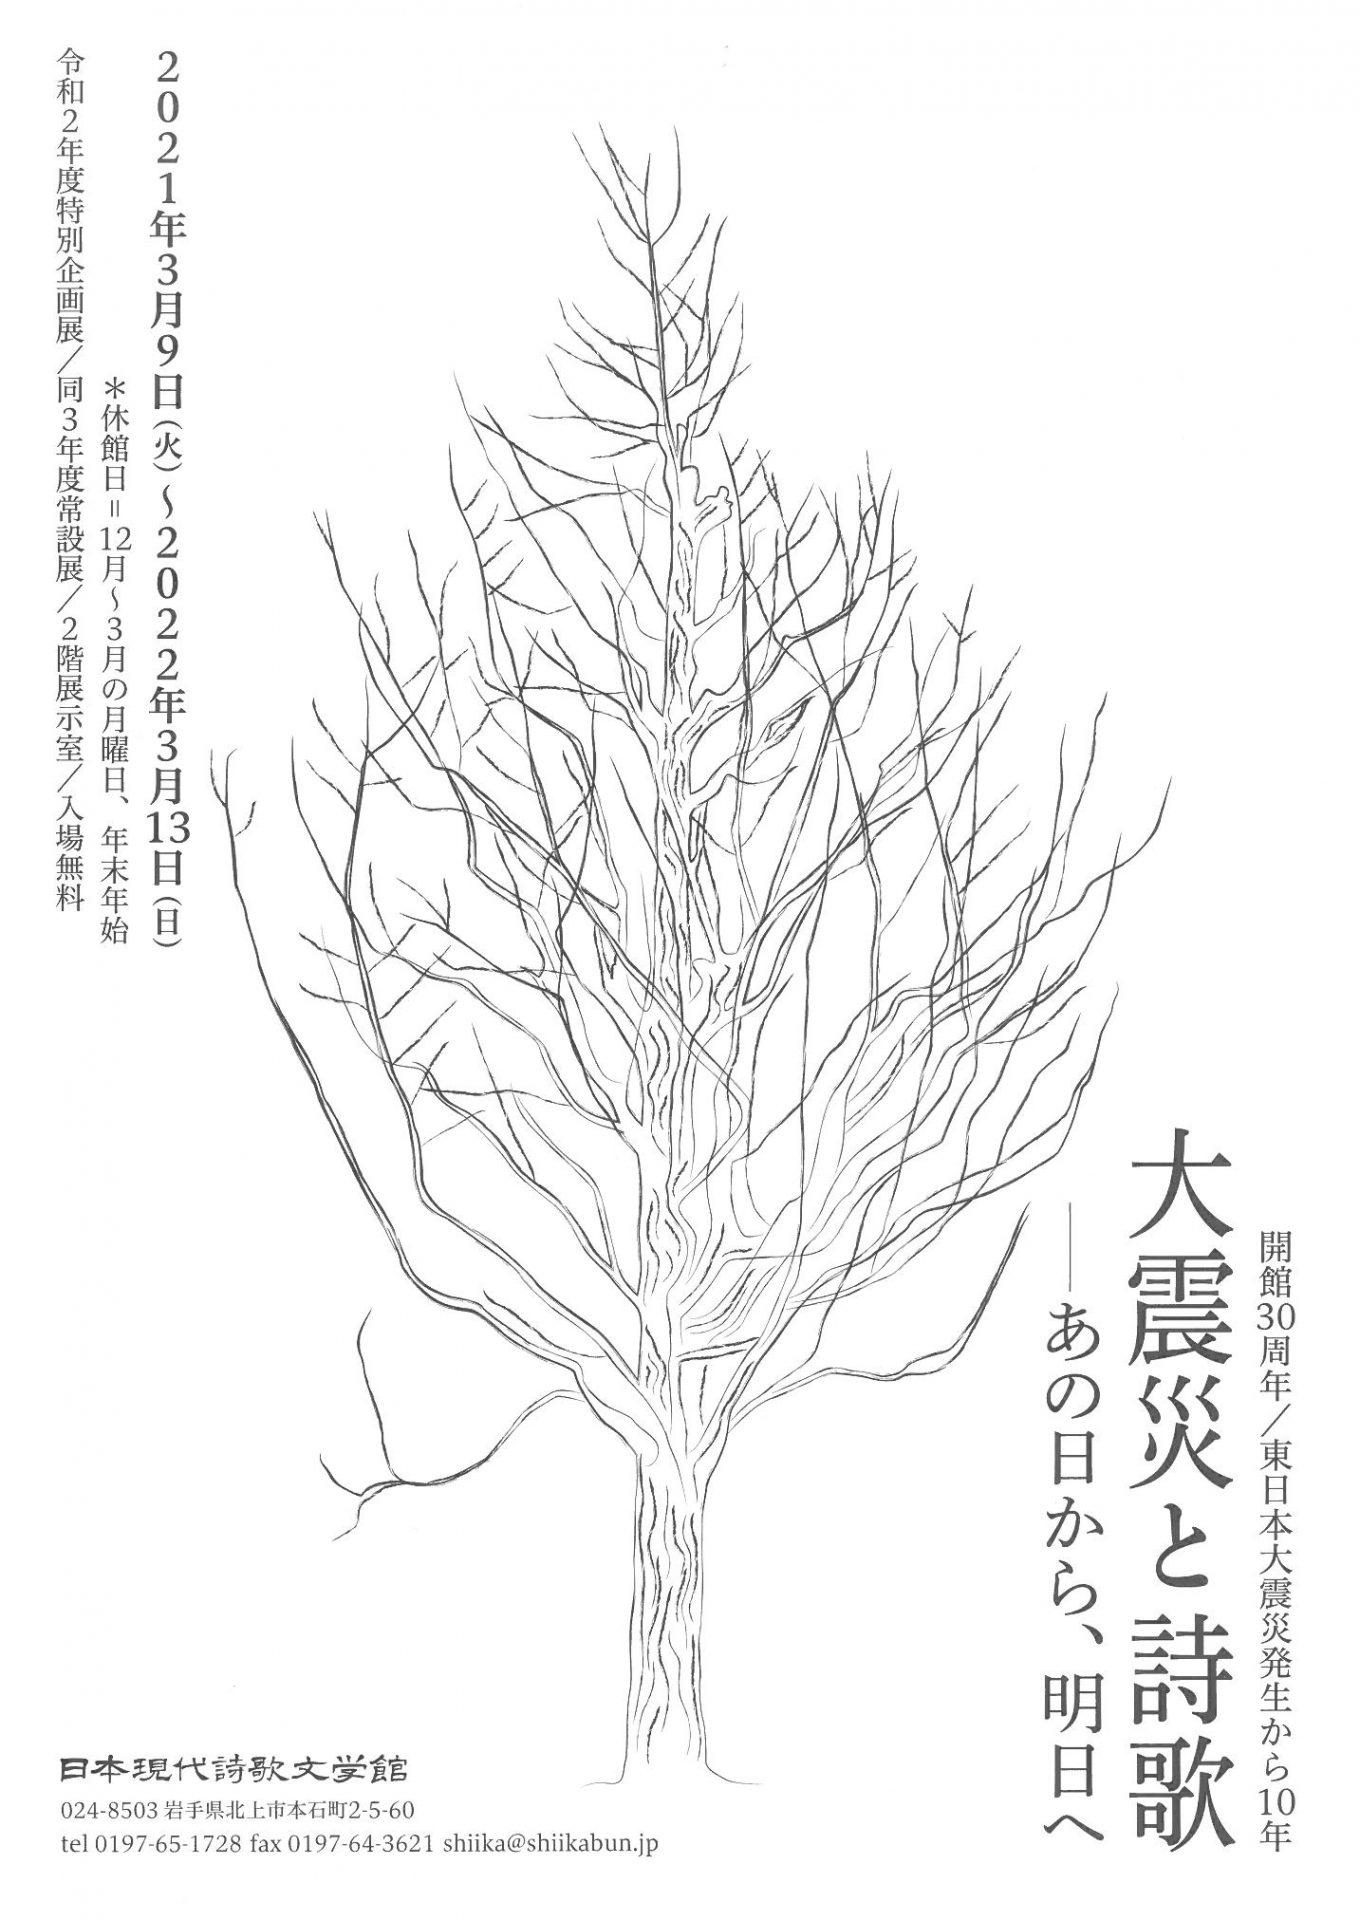 【 会 期 】 2021年3月9日(火)~2022年3月13日(日)   【 場 所 】 日本現代詩歌文学館 2階展示室   【 入場料 】